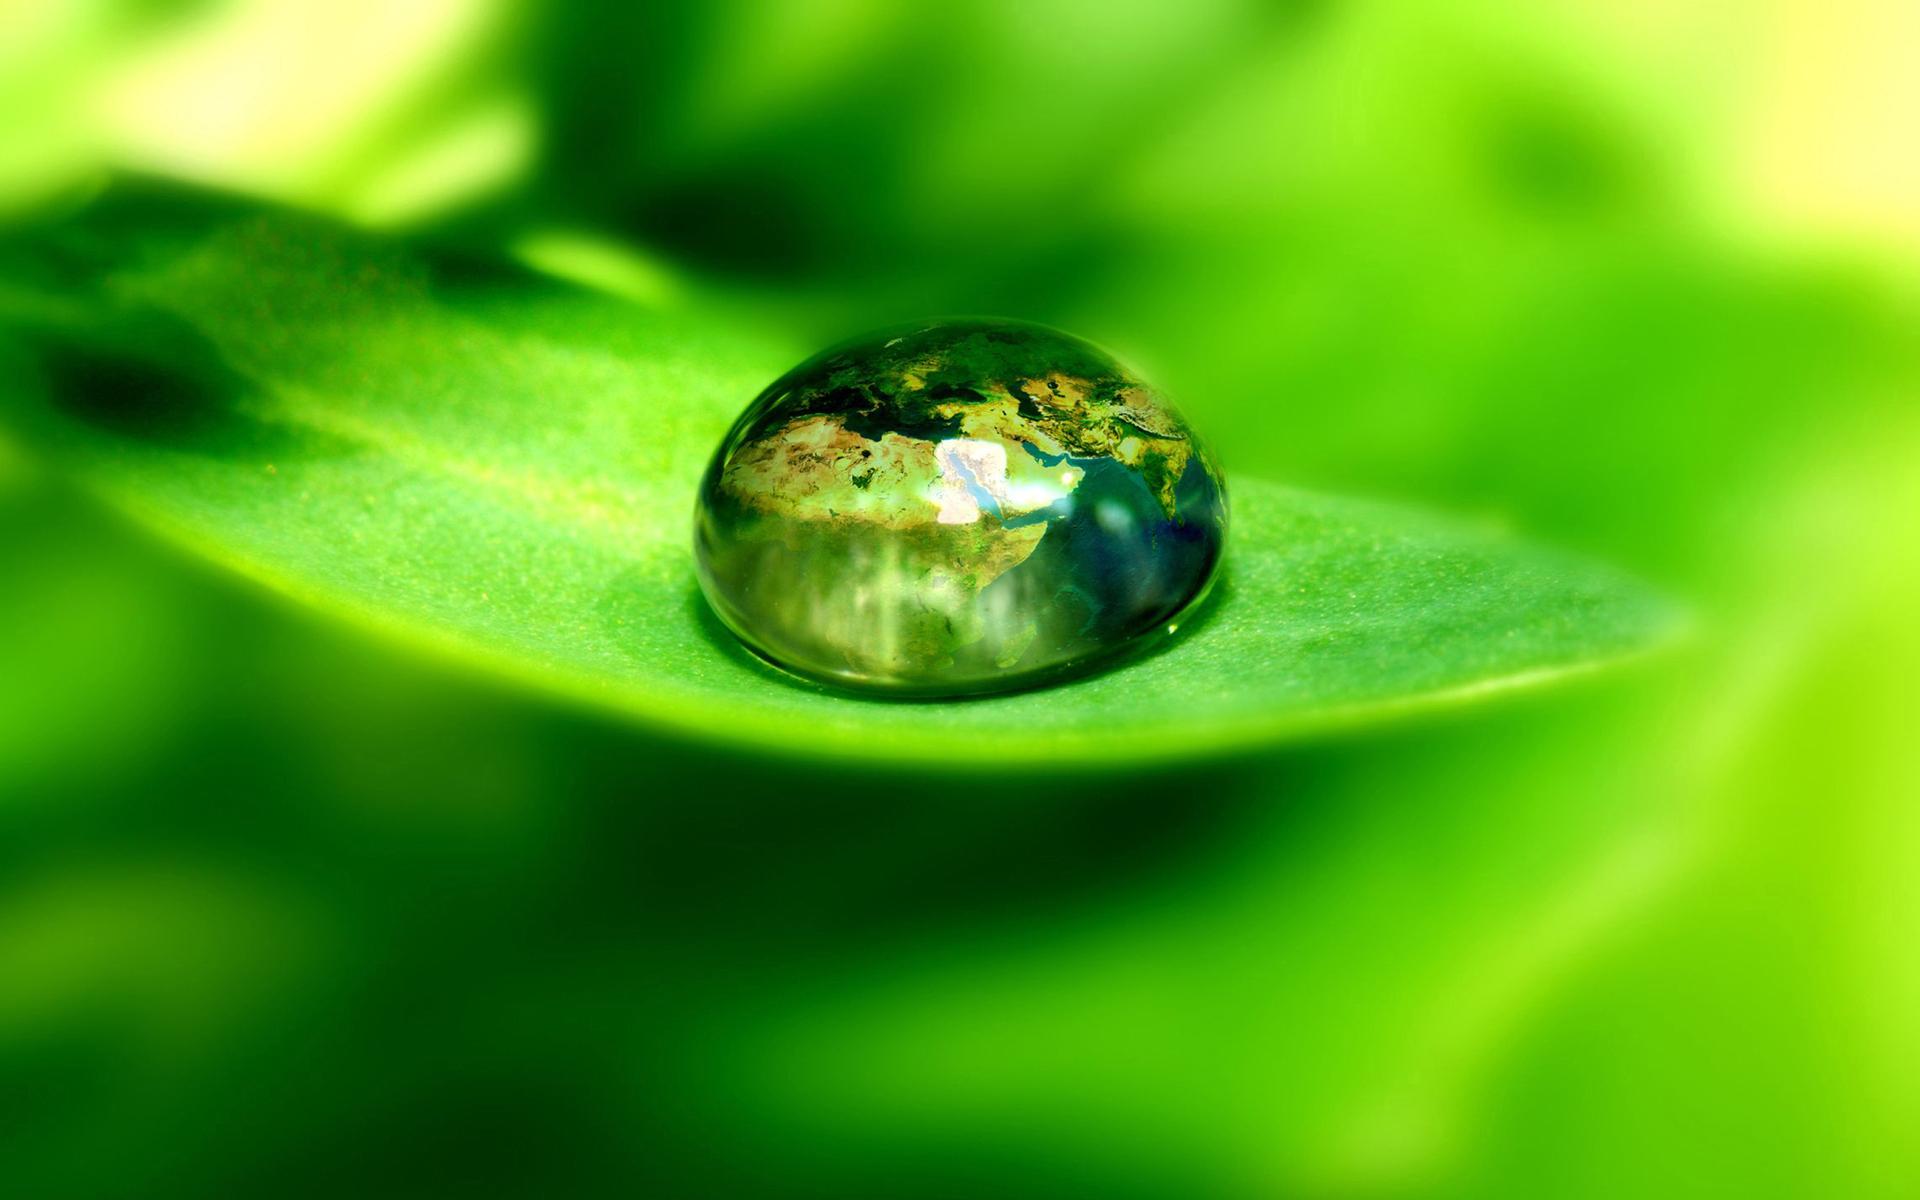 лист, зеленый, капля